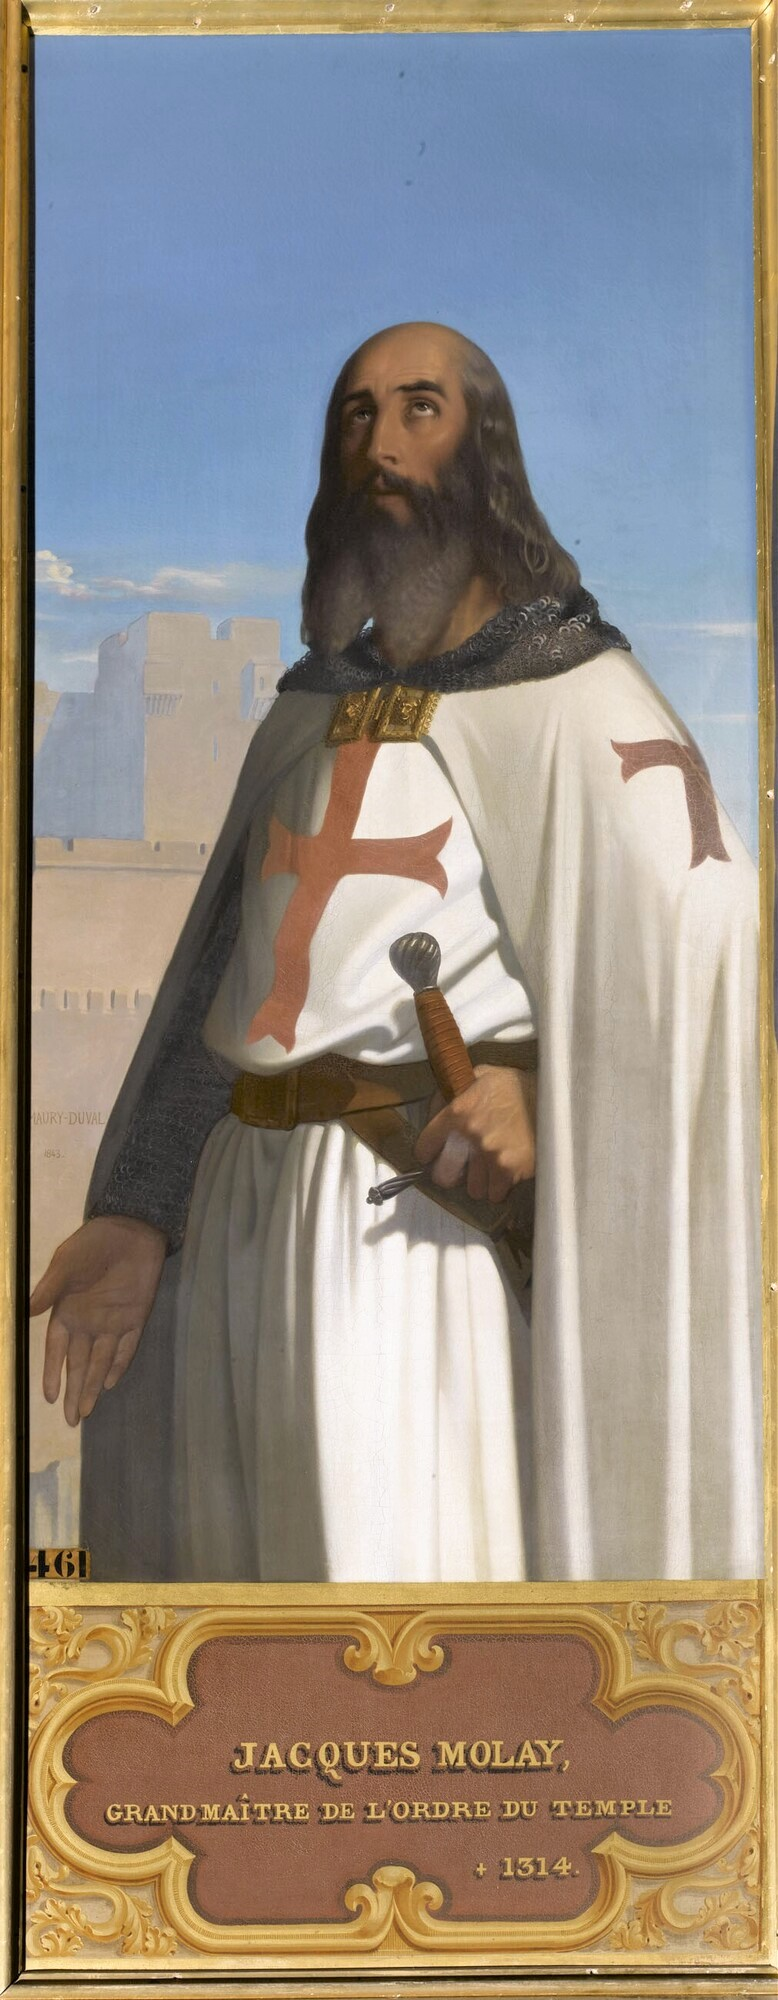 Jacques Molay, dernier grand-maître de l'ordre du Temple (V.1243-1314). Peintre : Eugène-Emmanuel-Amaury Pineu-Duval, dit Amaury-Duval.